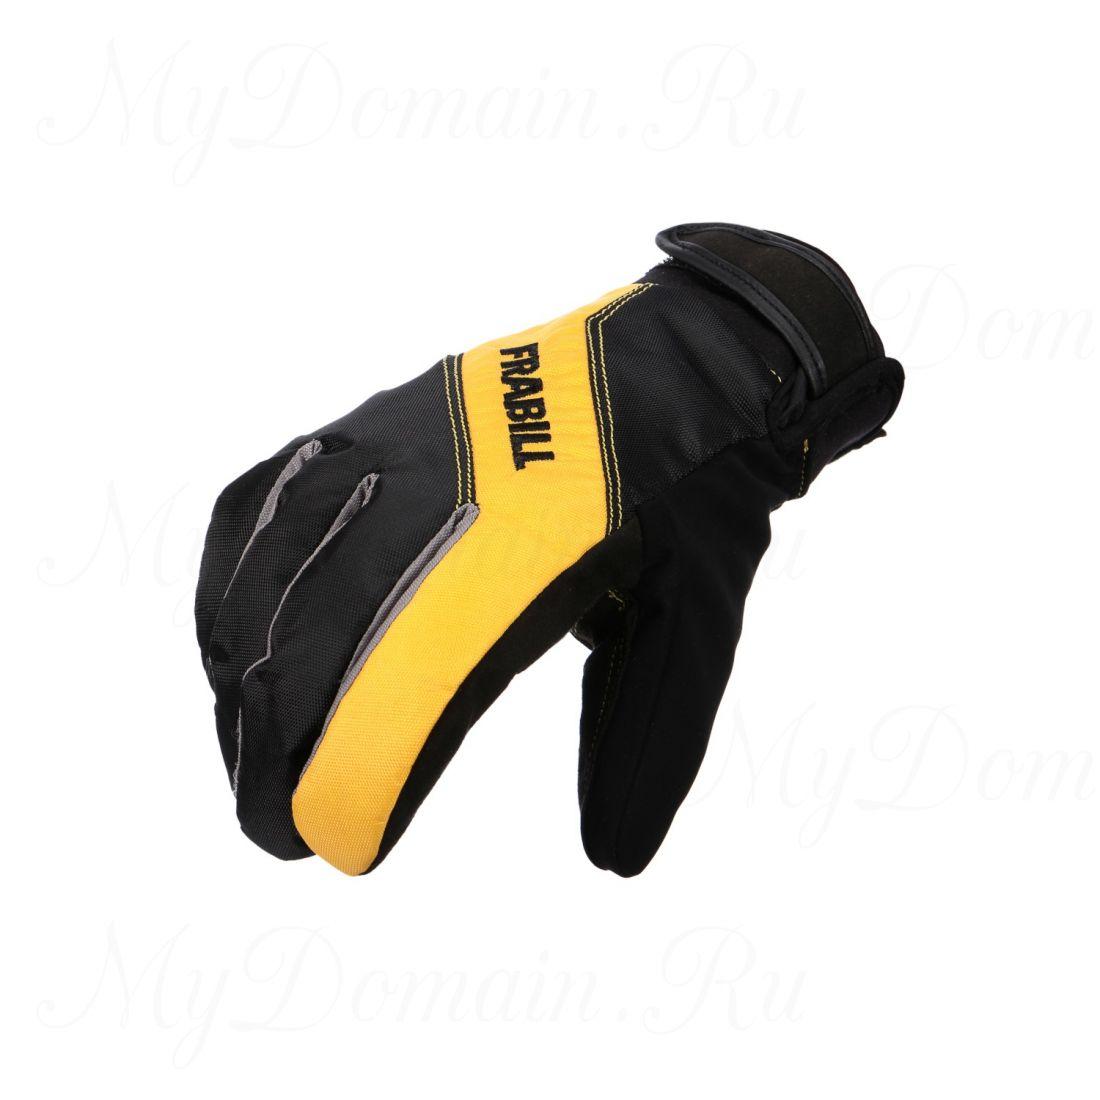 Перчатки Frabill Task Glove ALP водо/ветрозащитные дышащие черные размер M